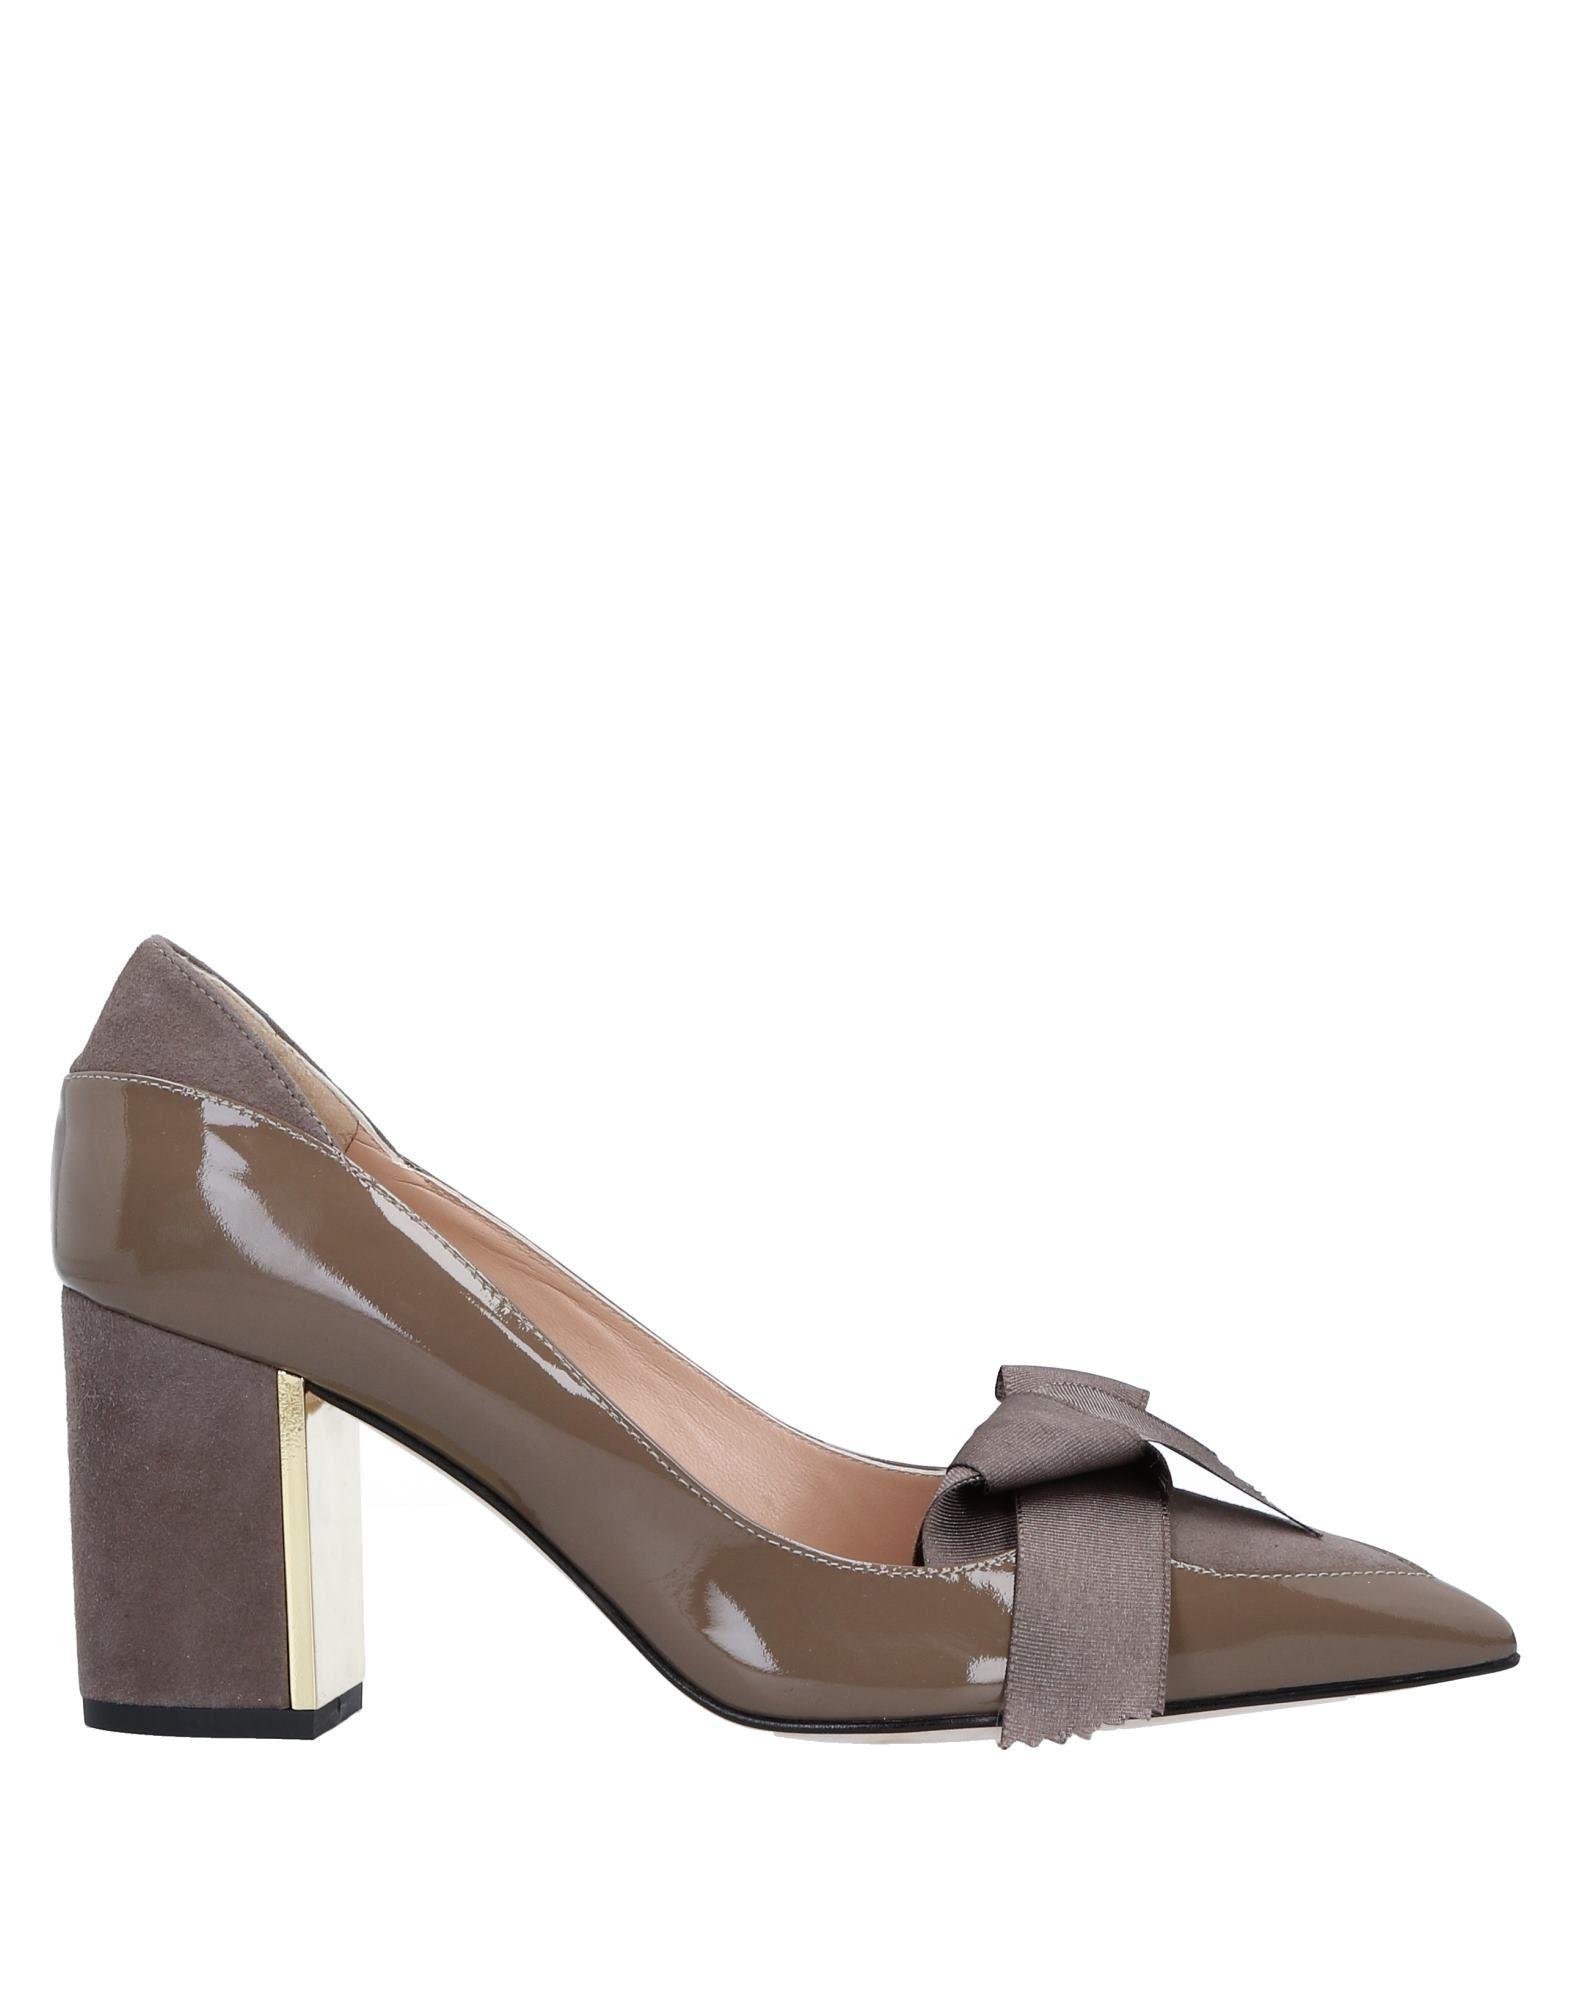 Hannibal Laguna Pumps Damen  11541790WF Gute Qualität beliebte Schuhe